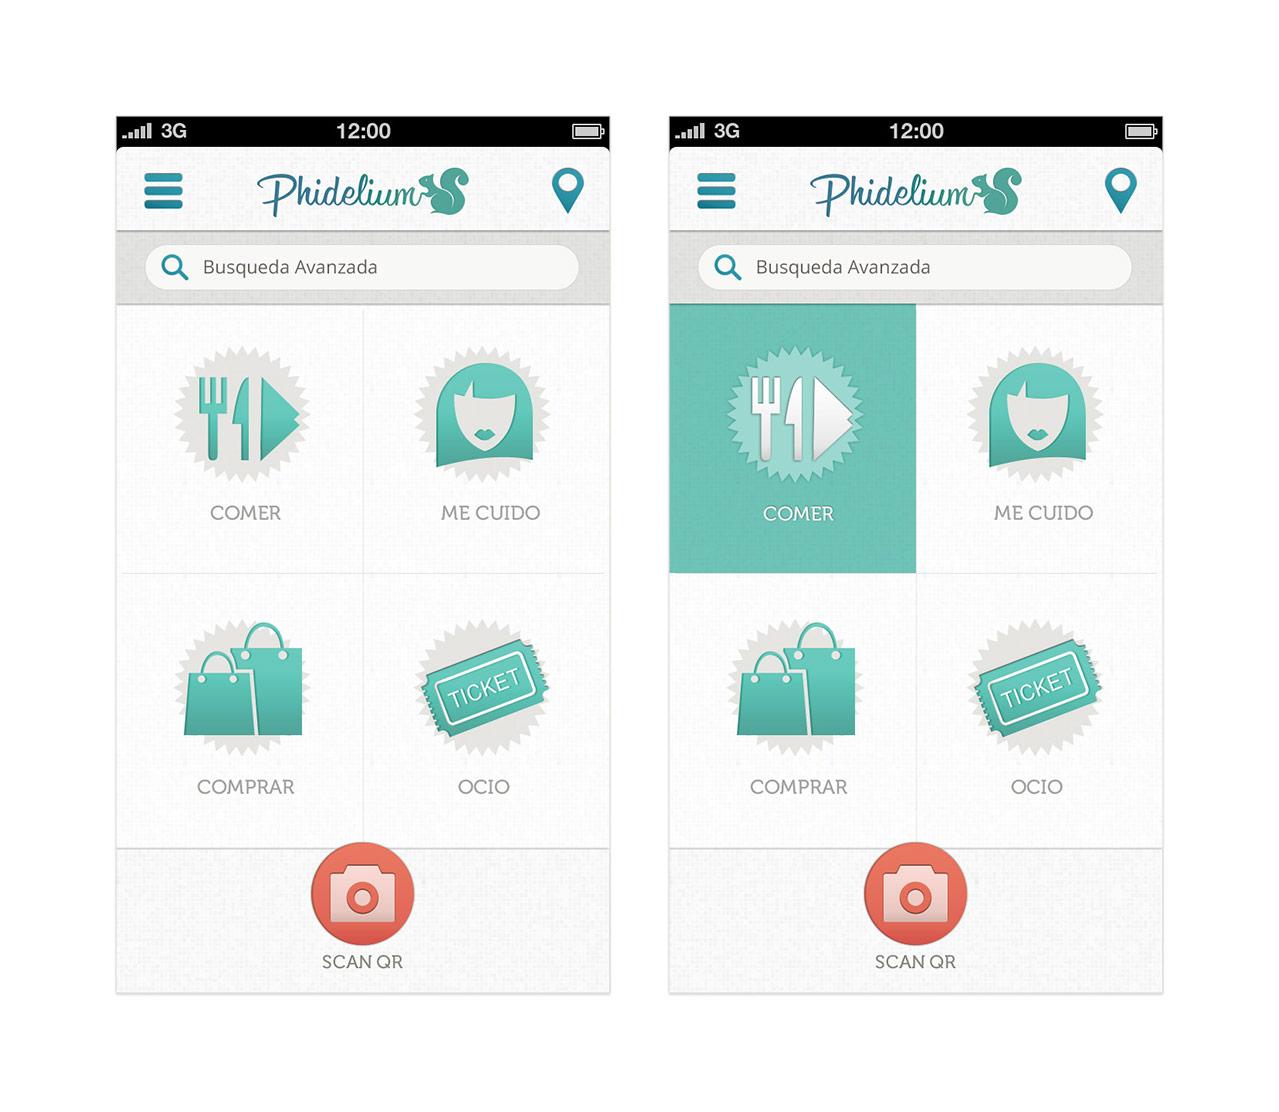 Phidelium App